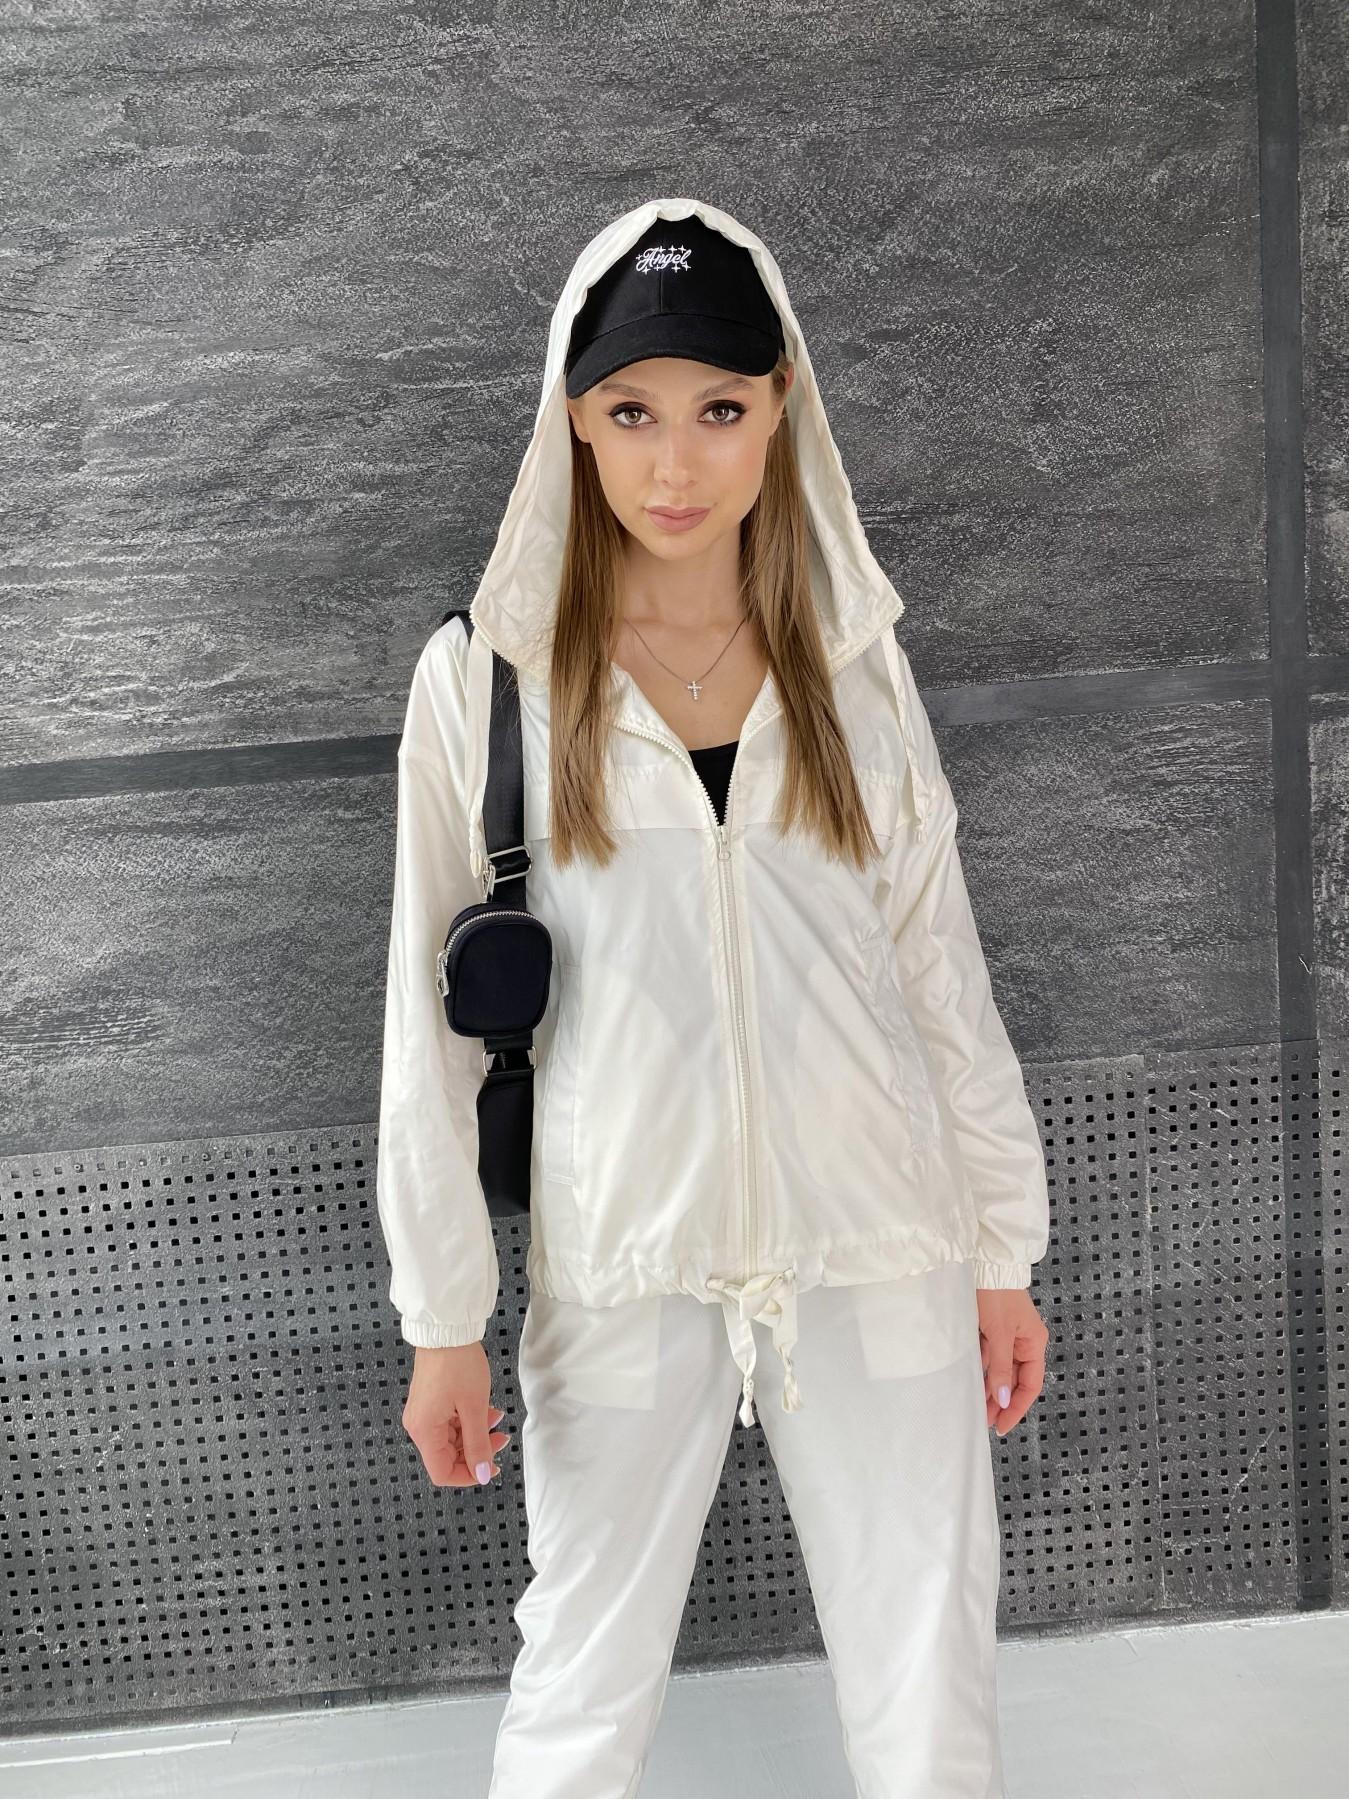 Фит костюм из плащевой ткани 11048 АРТ. 47533 Цвет: Молоко - фото 10, интернет магазин tm-modus.ru